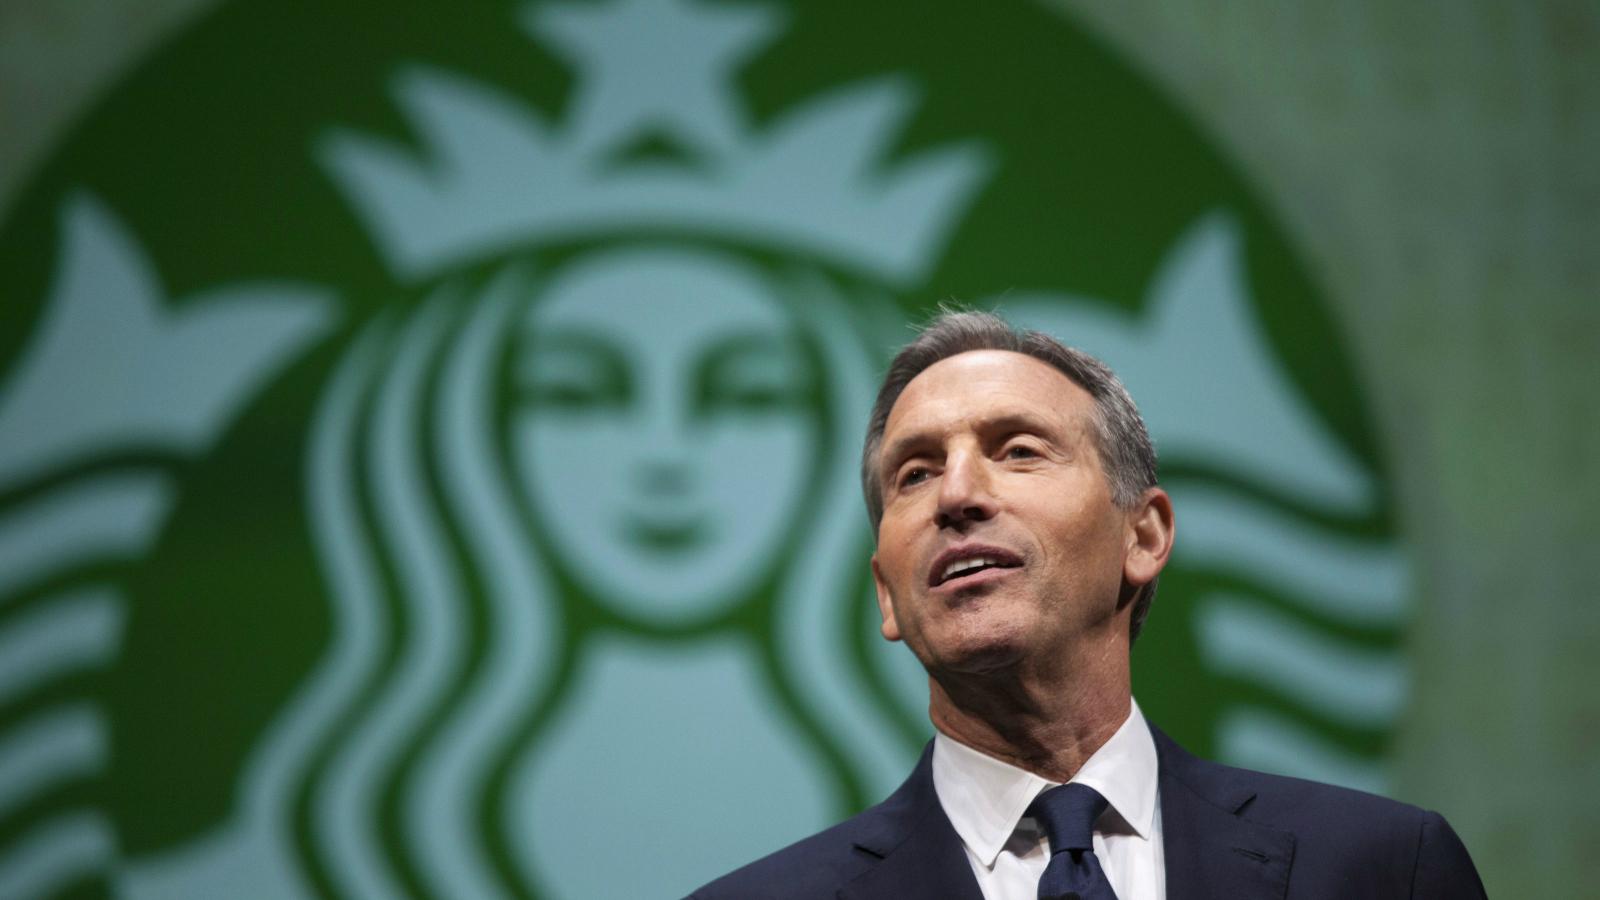 Starbucks-Howard